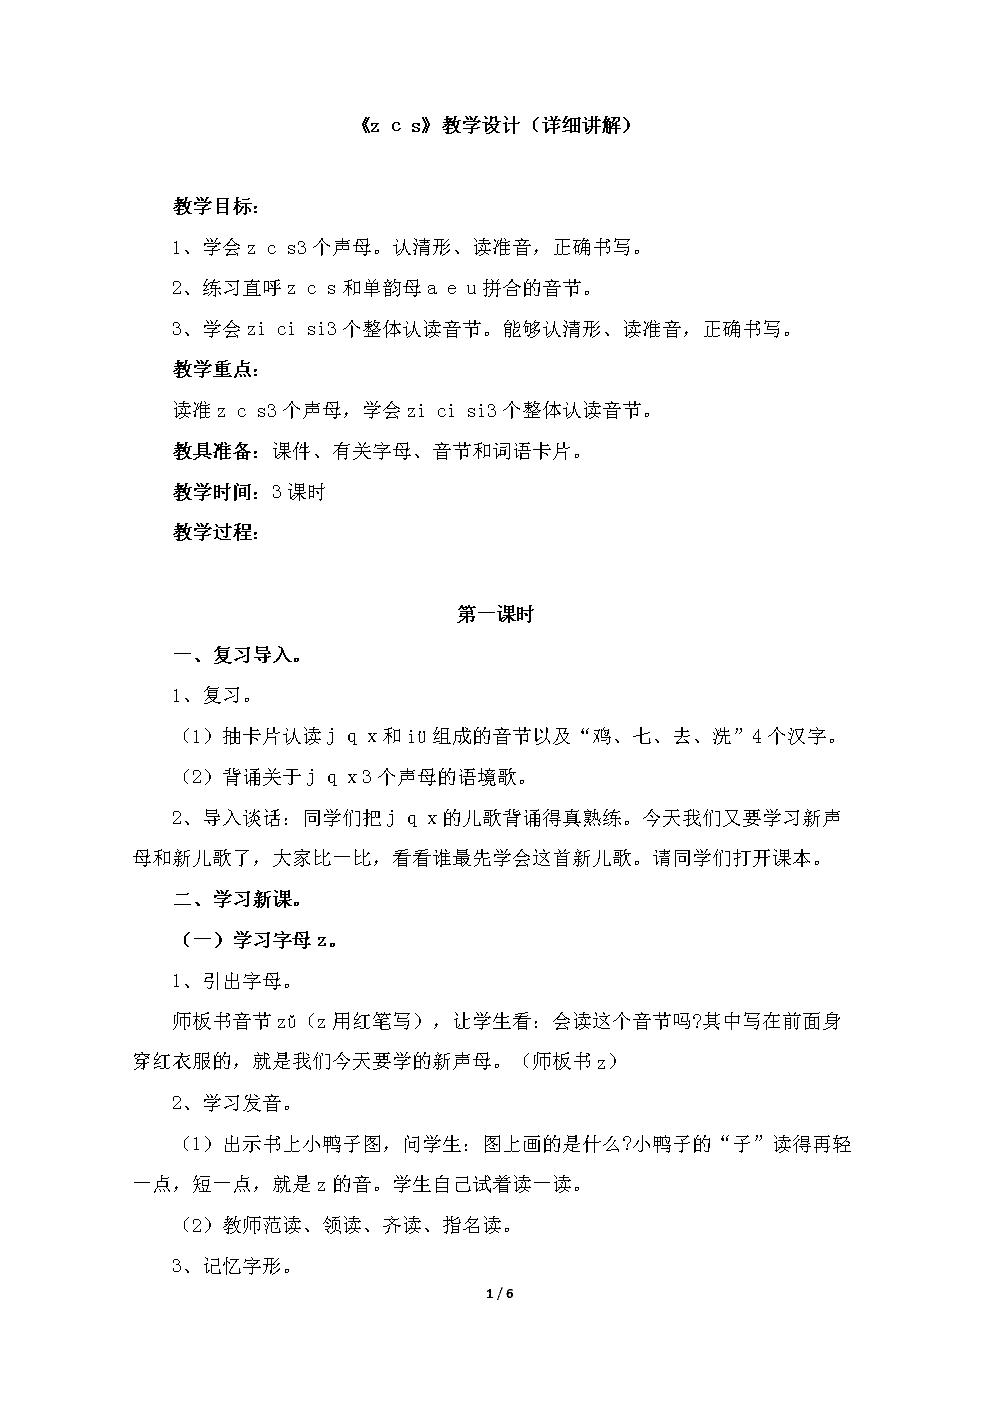 小学一年级语文上册《z_c_s》教学设计(详细讲解)(苏教版).doc